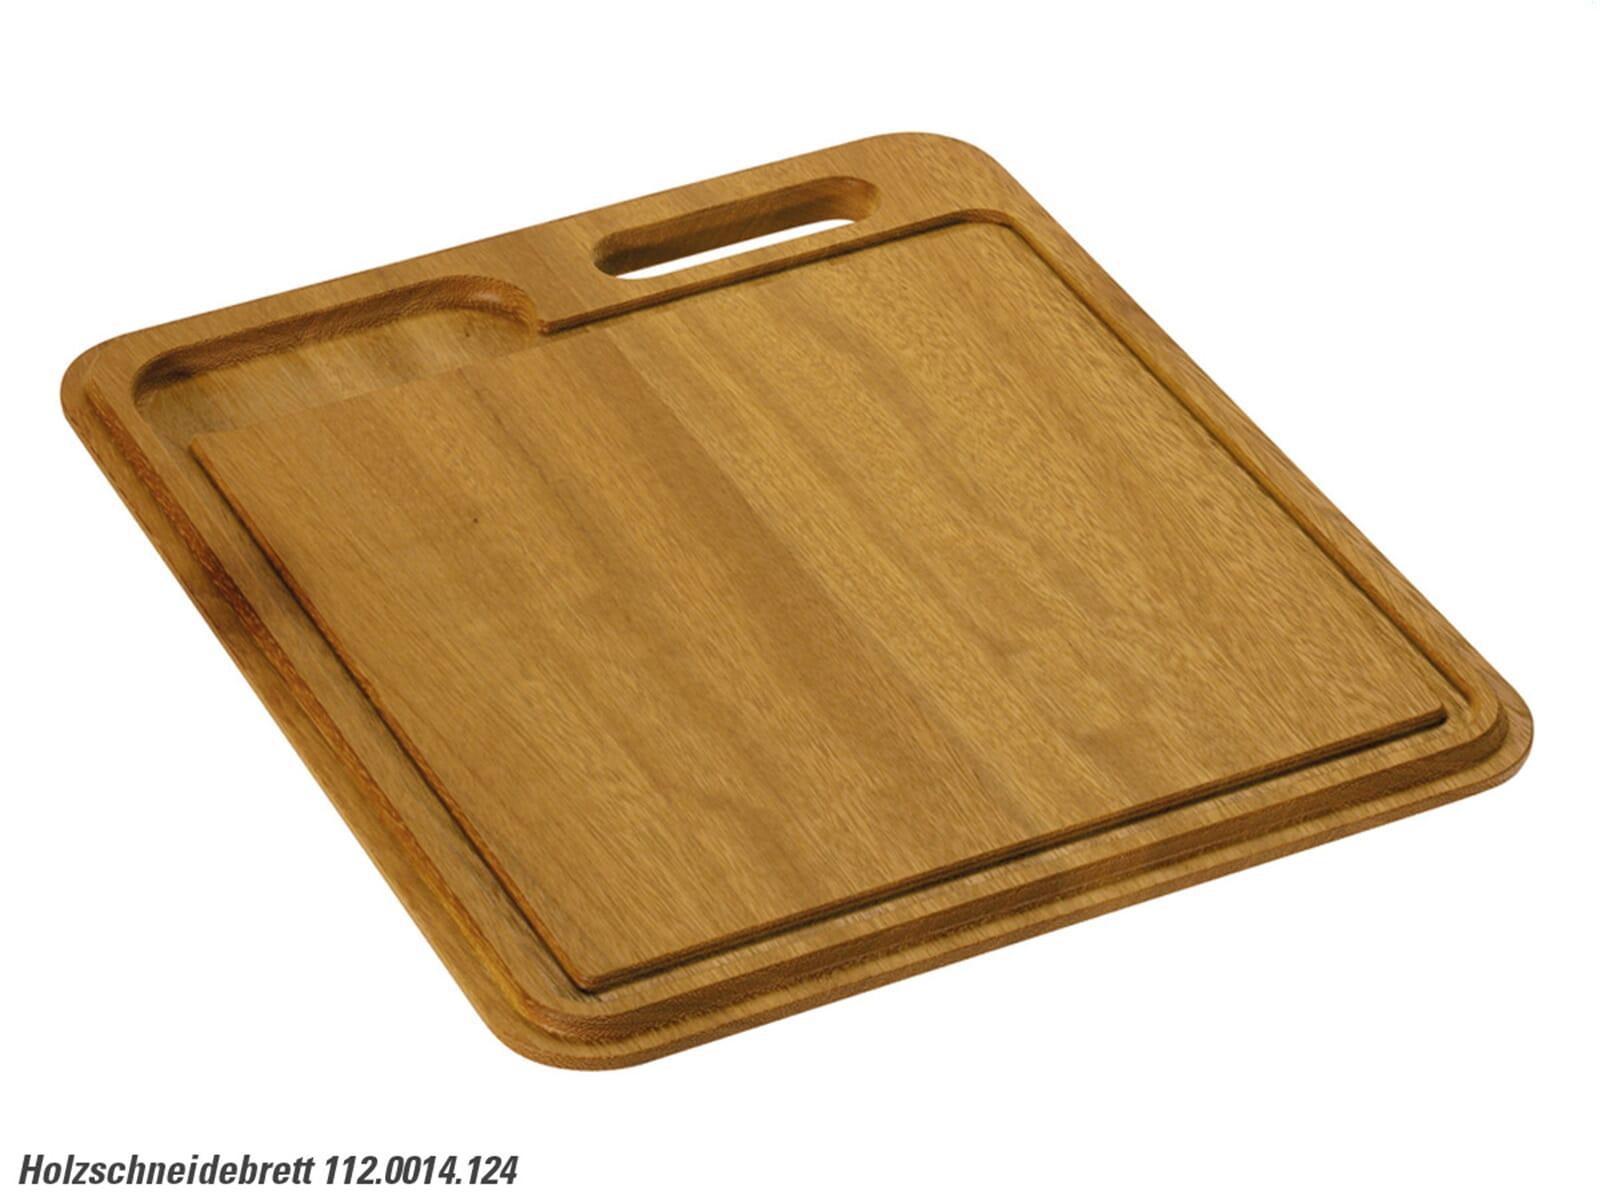 Produktabbildung Franke 112.0014.124 Holzschneidebrett Iroko